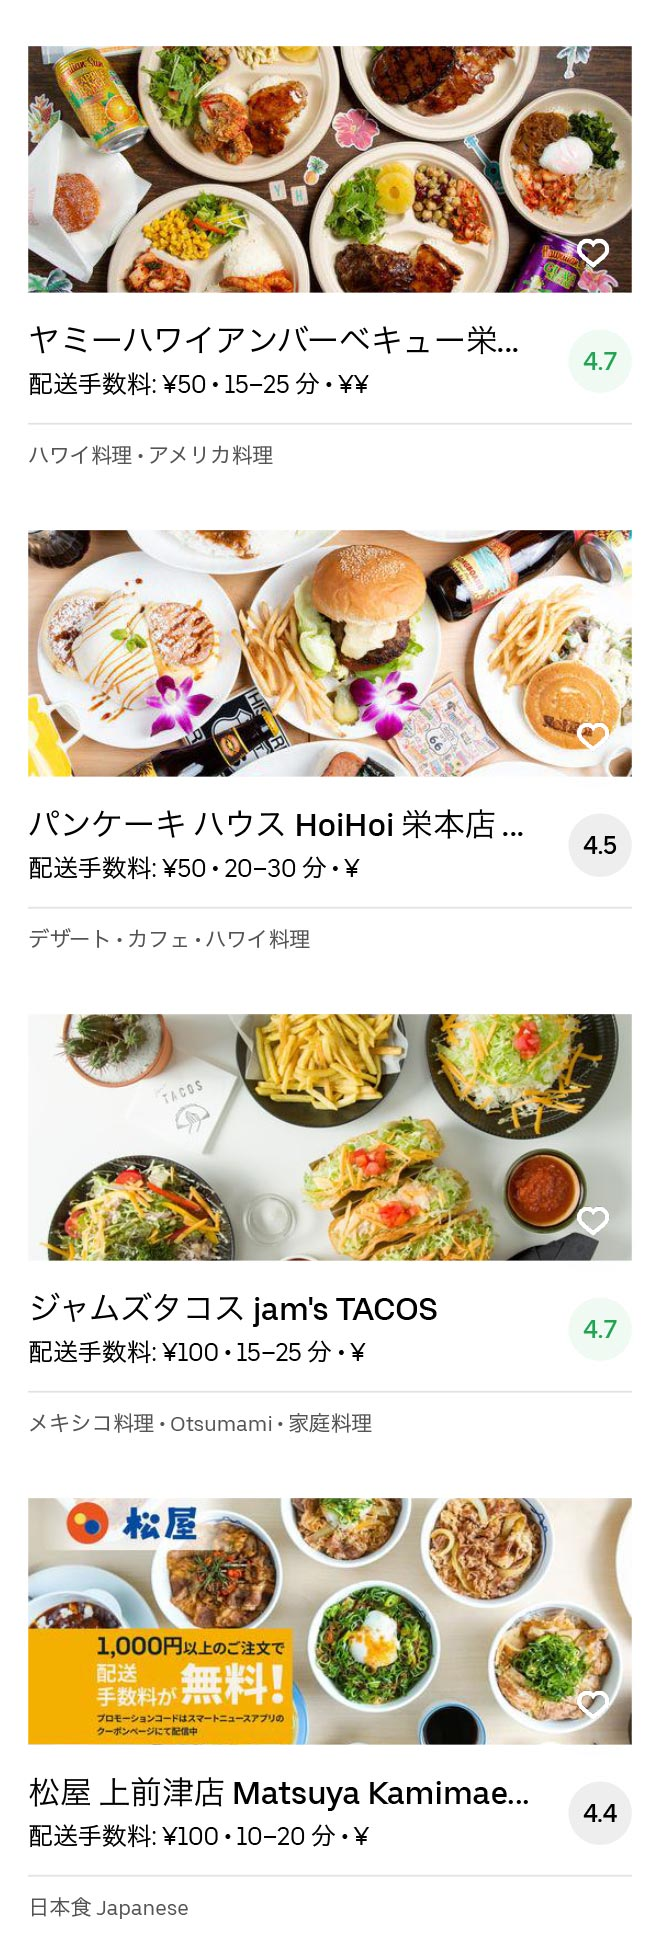 Nagoya sakae menu 2005 10